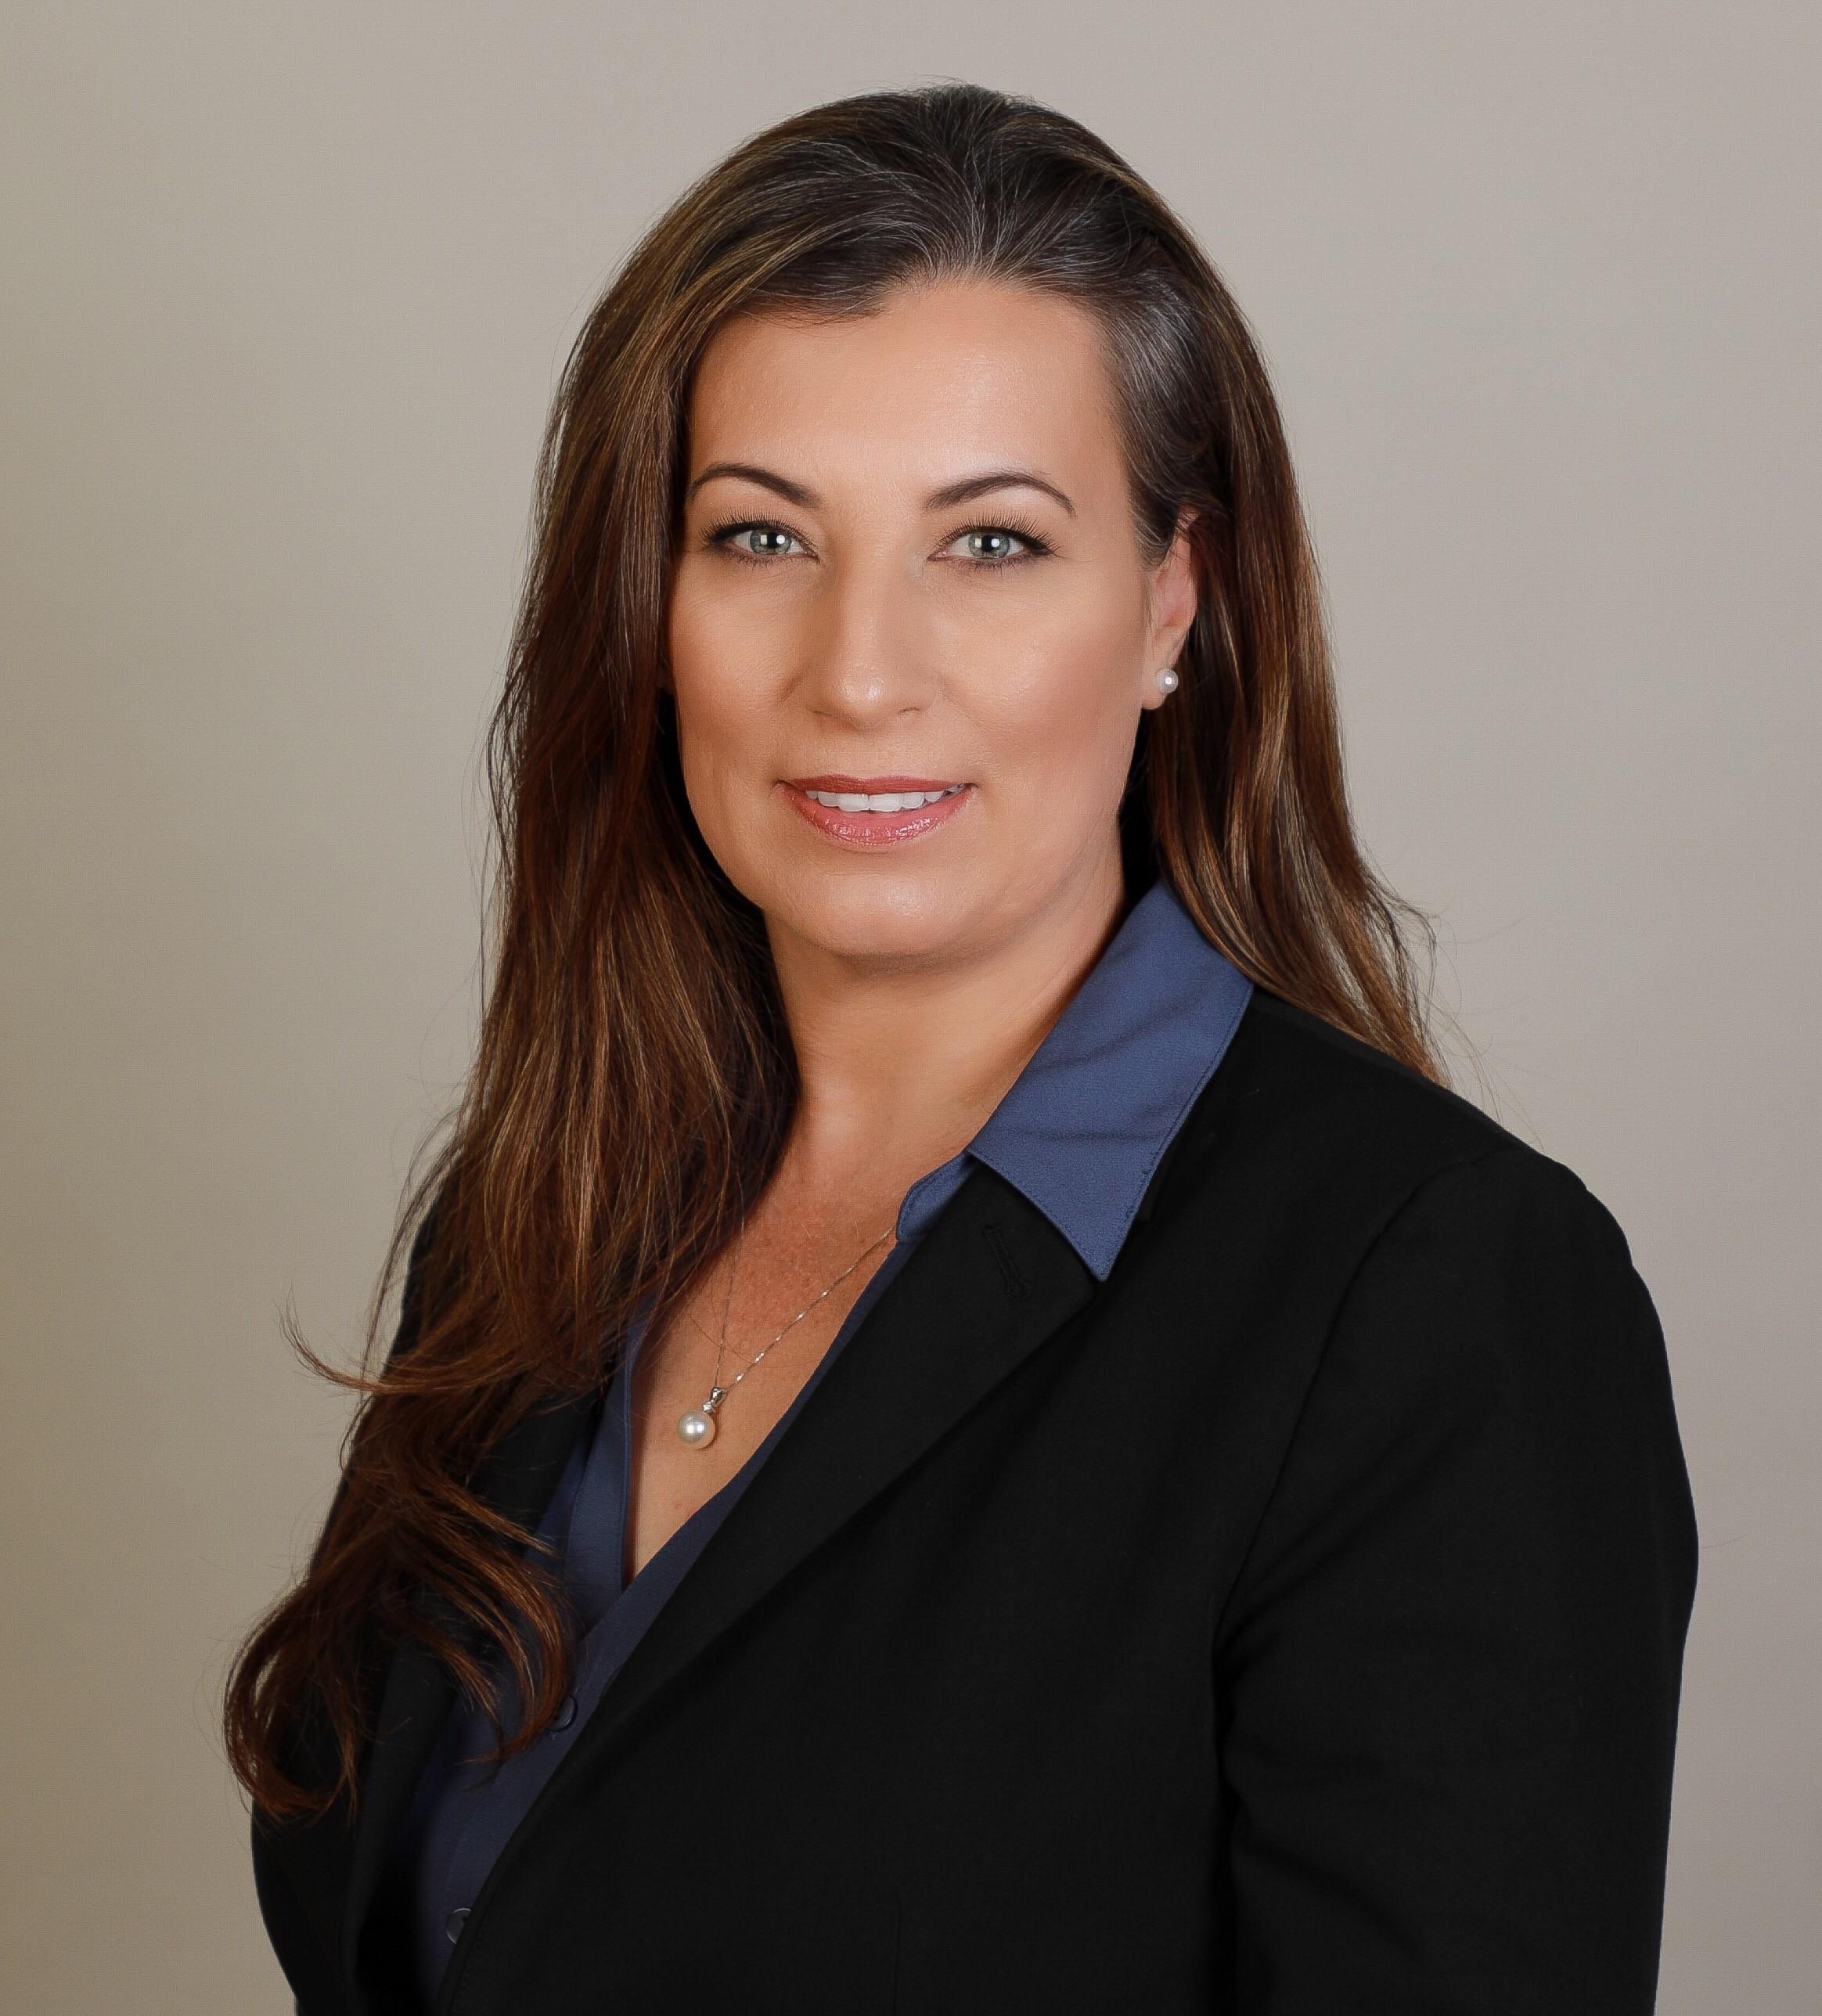 Elisa Smithers